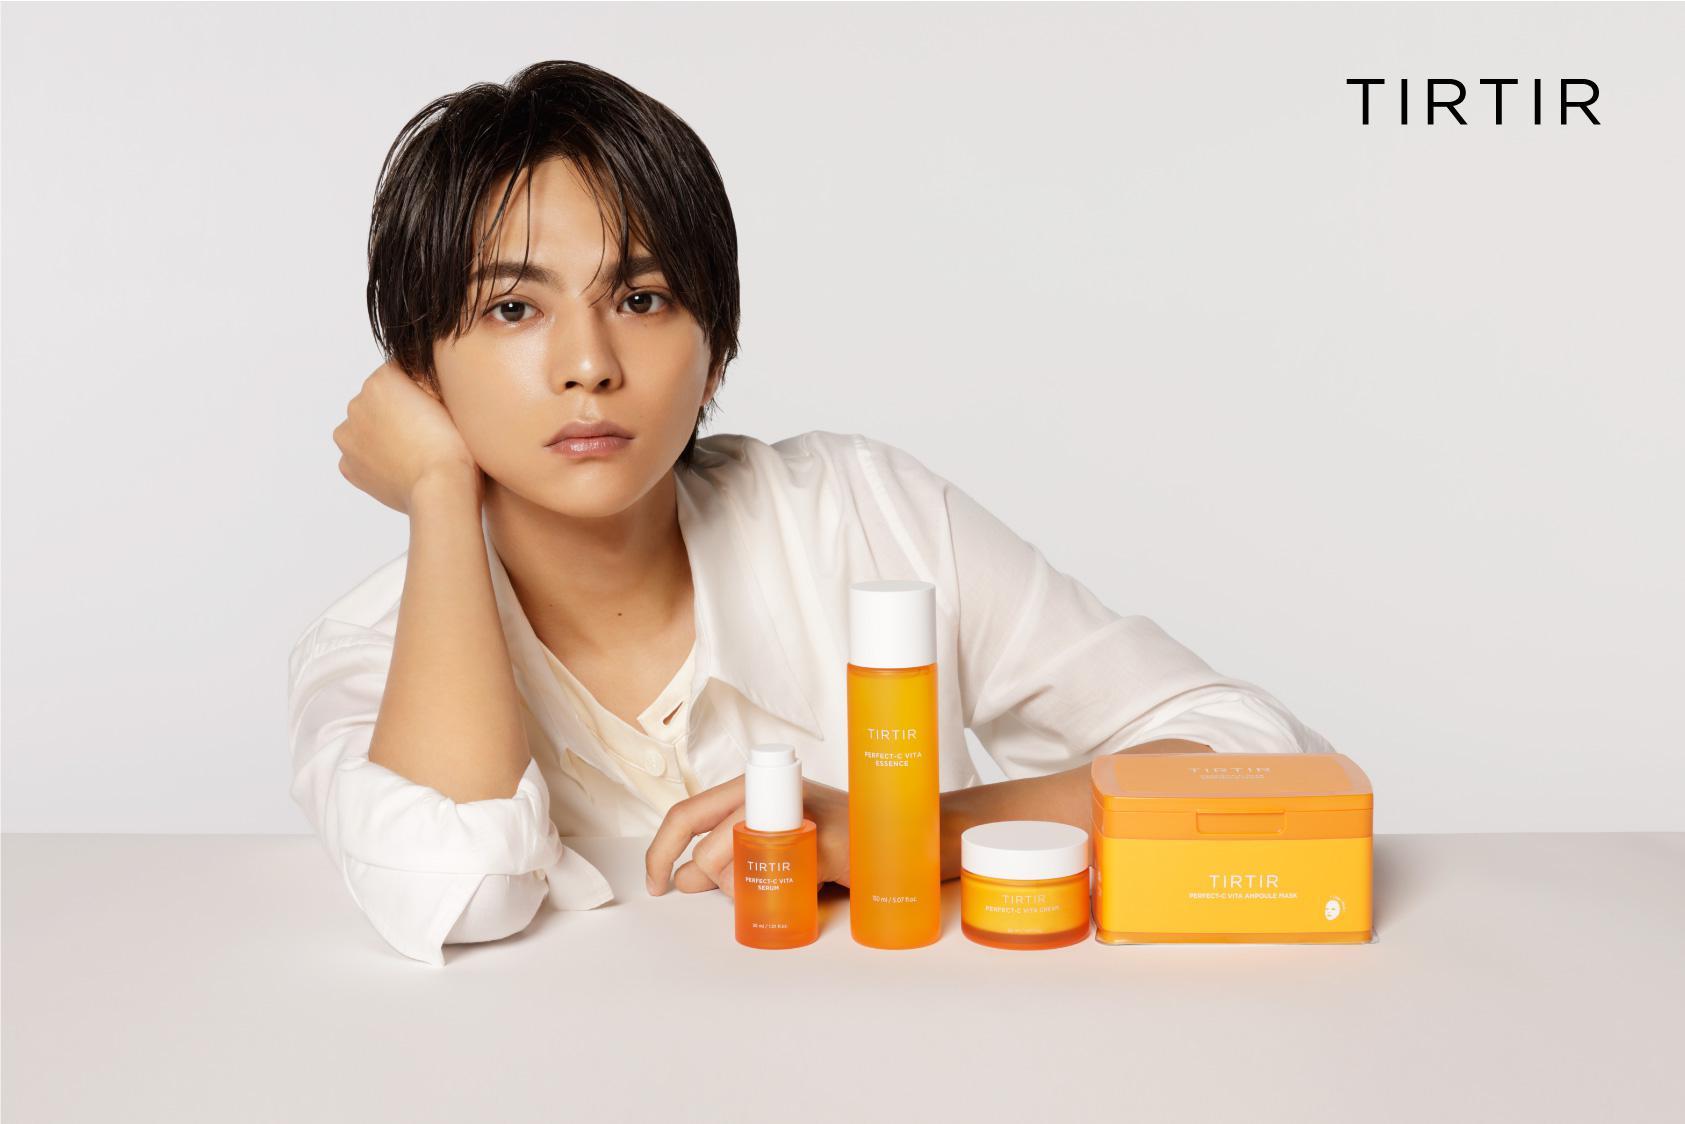 佐藤勝利代言韓國化妝品「TIRTIR」拍攝新廣告 彈奏吉他之姿令粉絲著迷